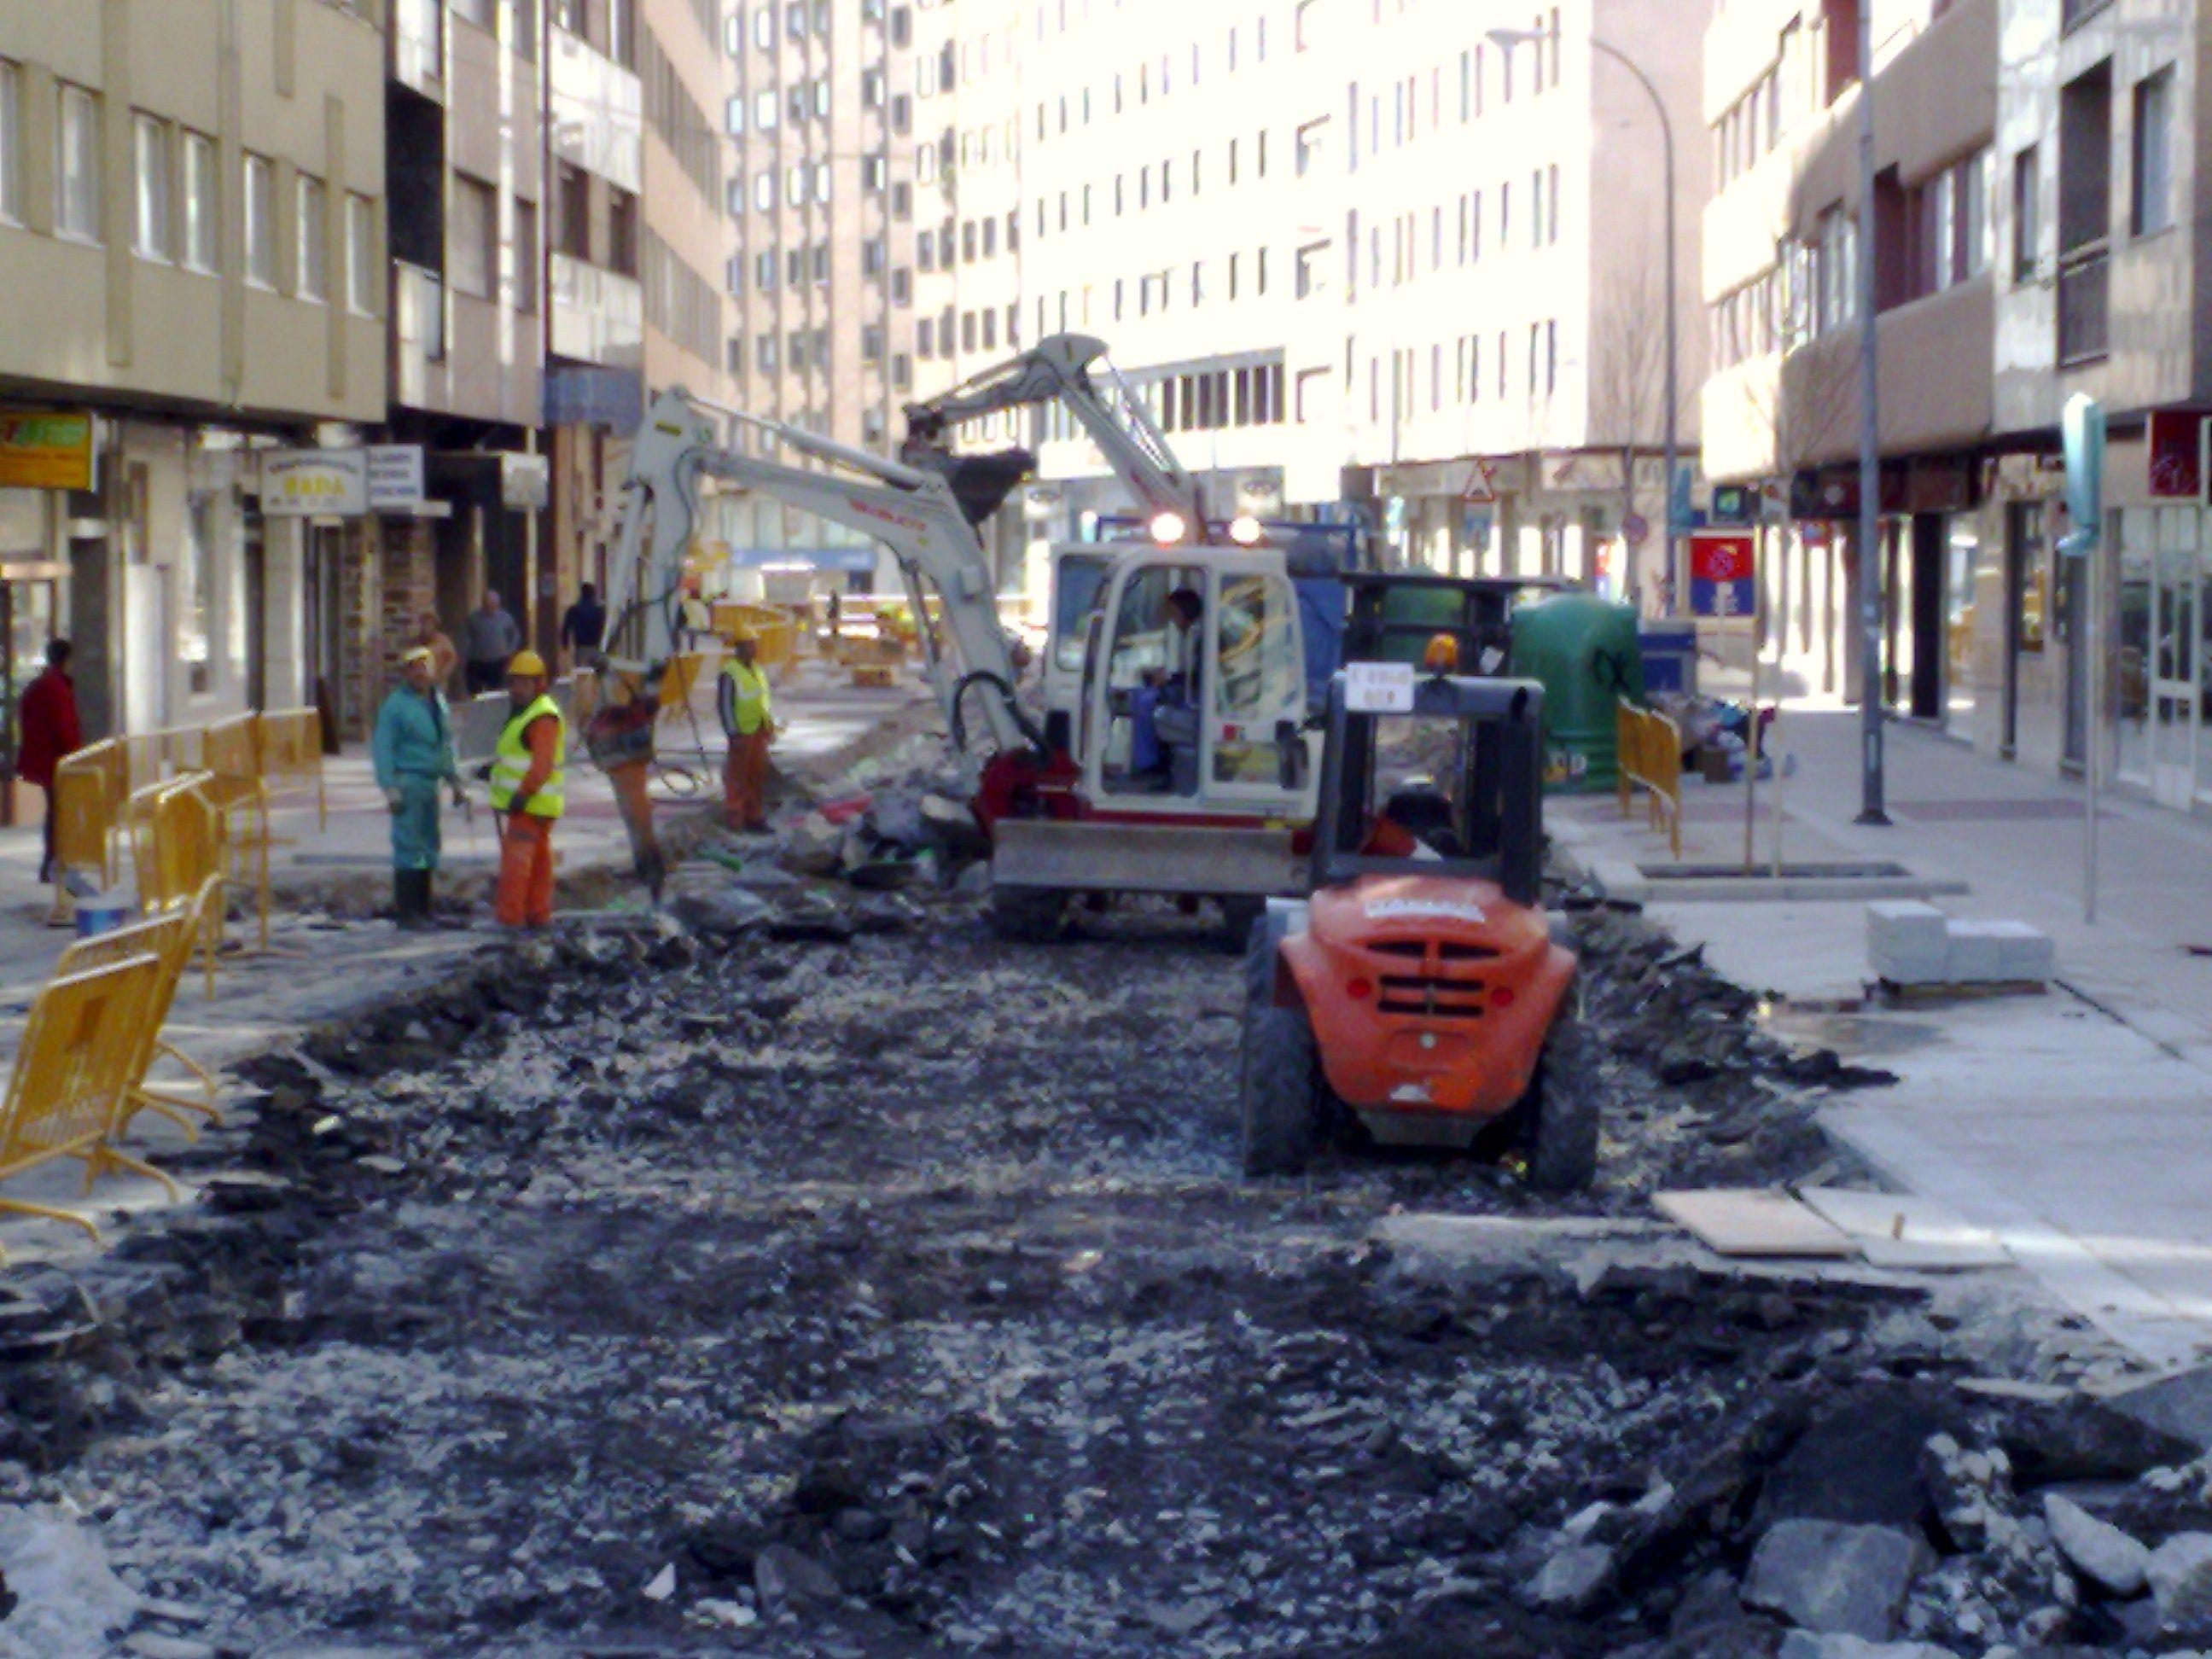 demolicion de la c/ paseo Colon-Pontevedra